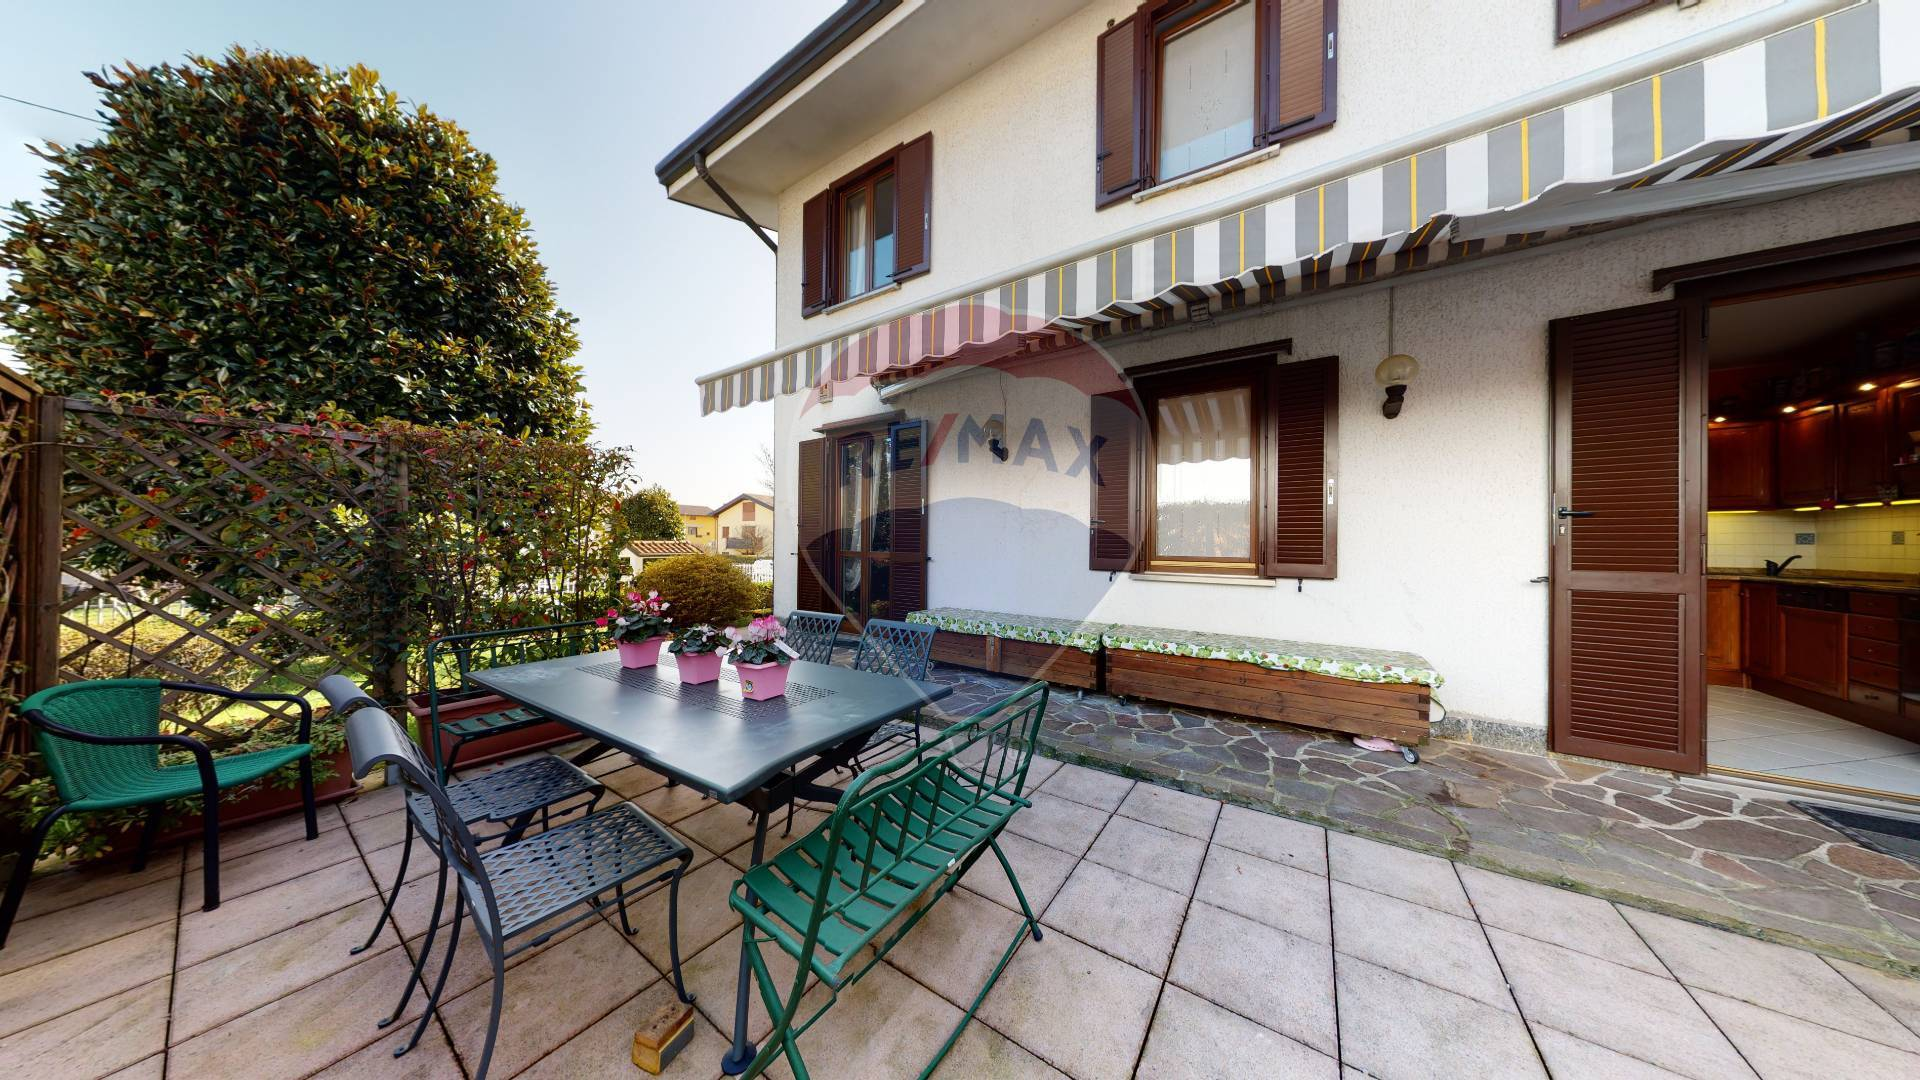 Villa in vendita a Camparada, 5 locali, prezzo € 359.700 | CambioCasa.it